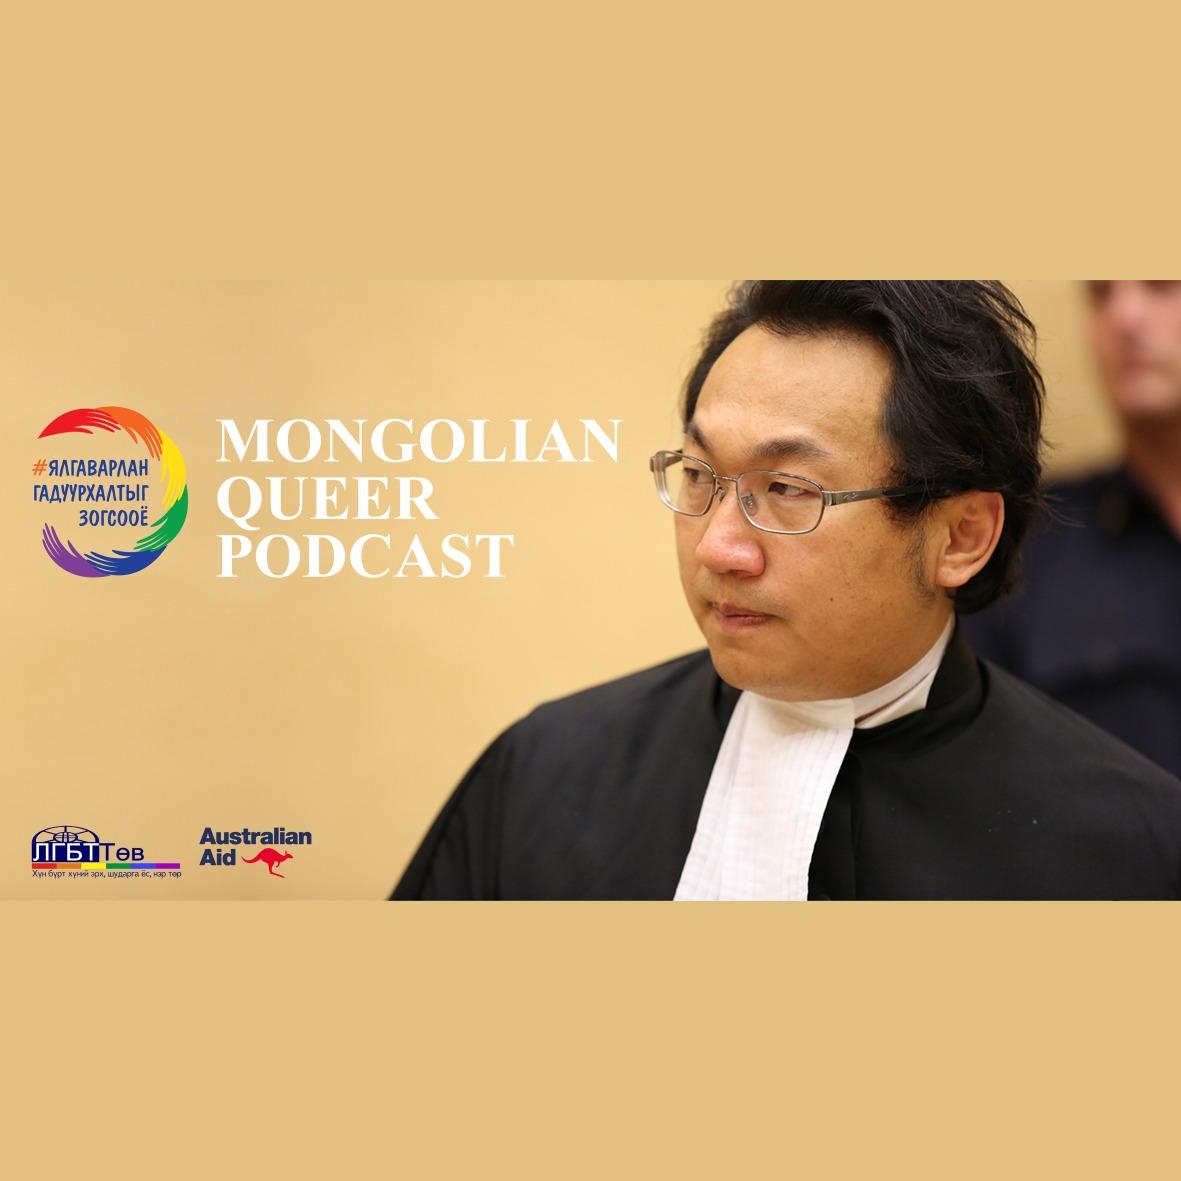 #16 Хуульч Н. Орчлонтой ярилцлаа